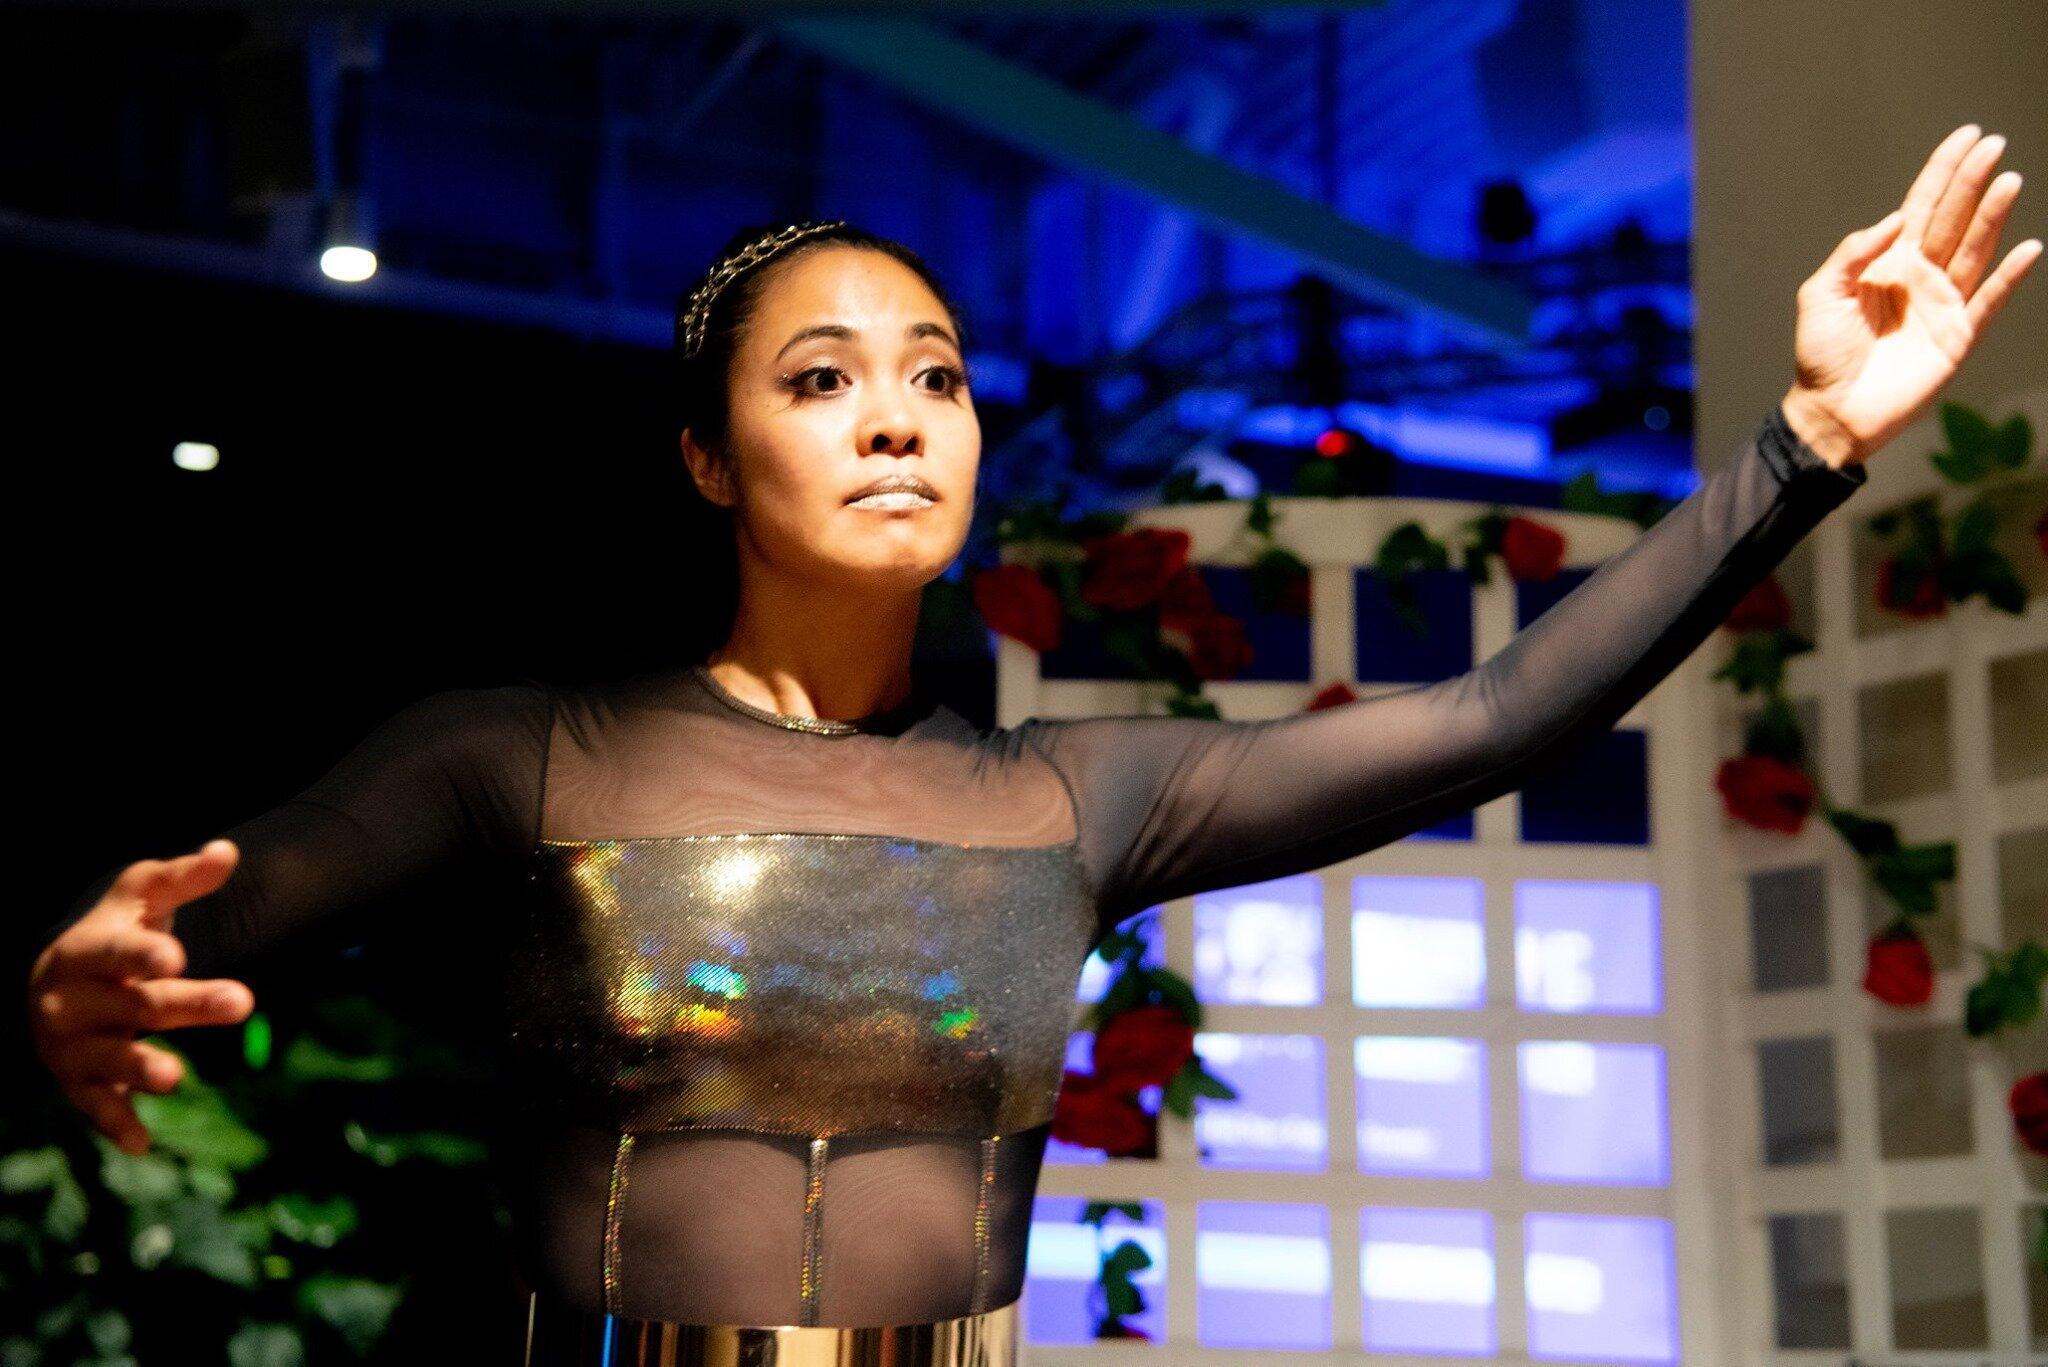 Midnight Automaton - A choreographed animation of a Golden Handmaiden automaton.